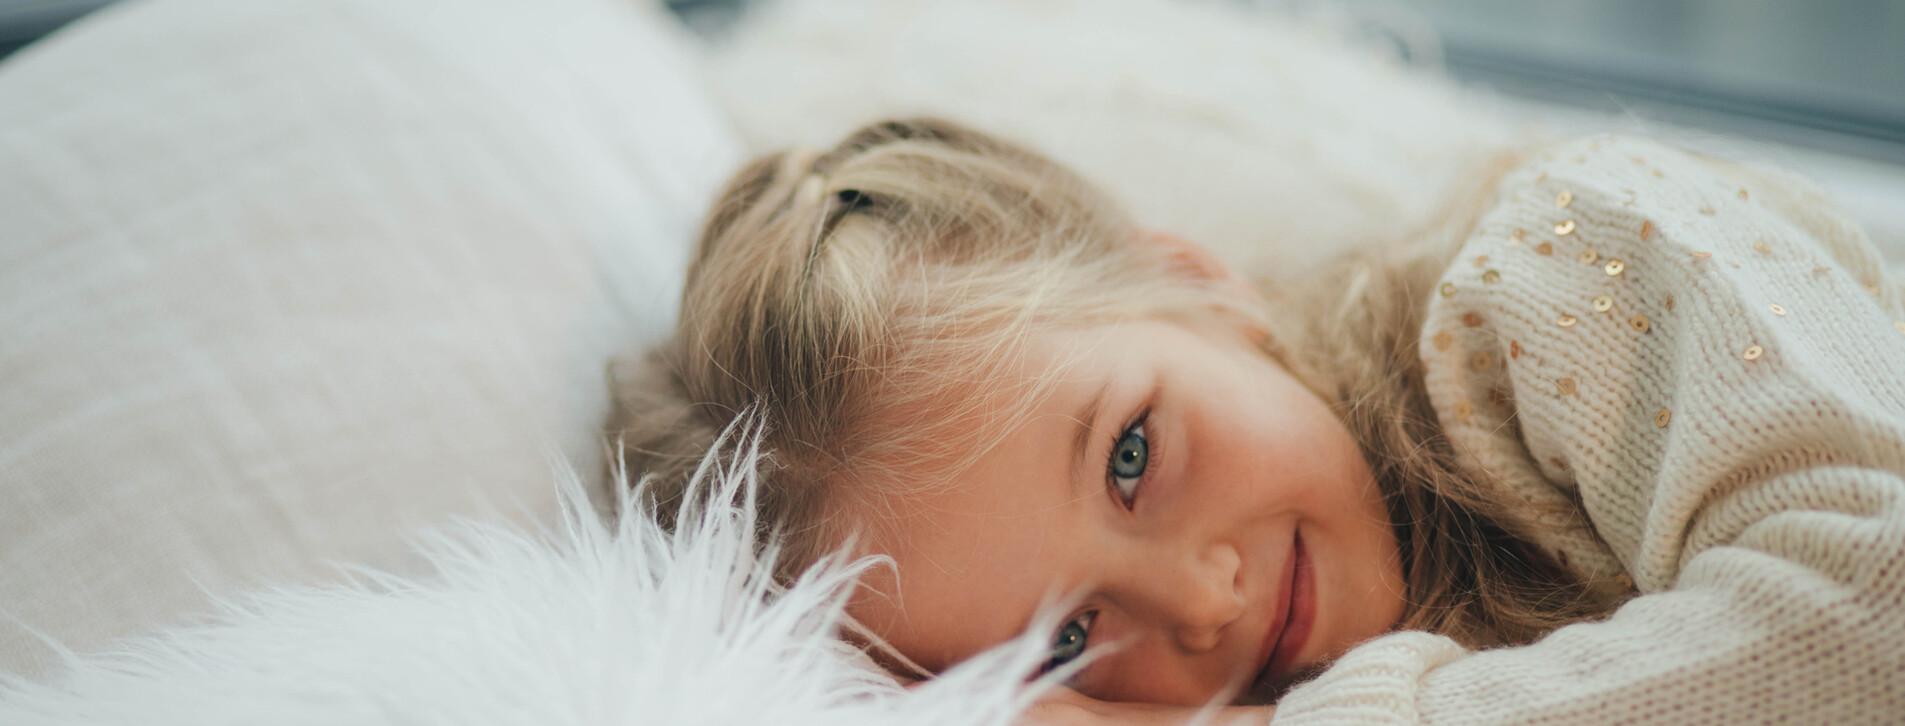 Фото - Детская фотосессия